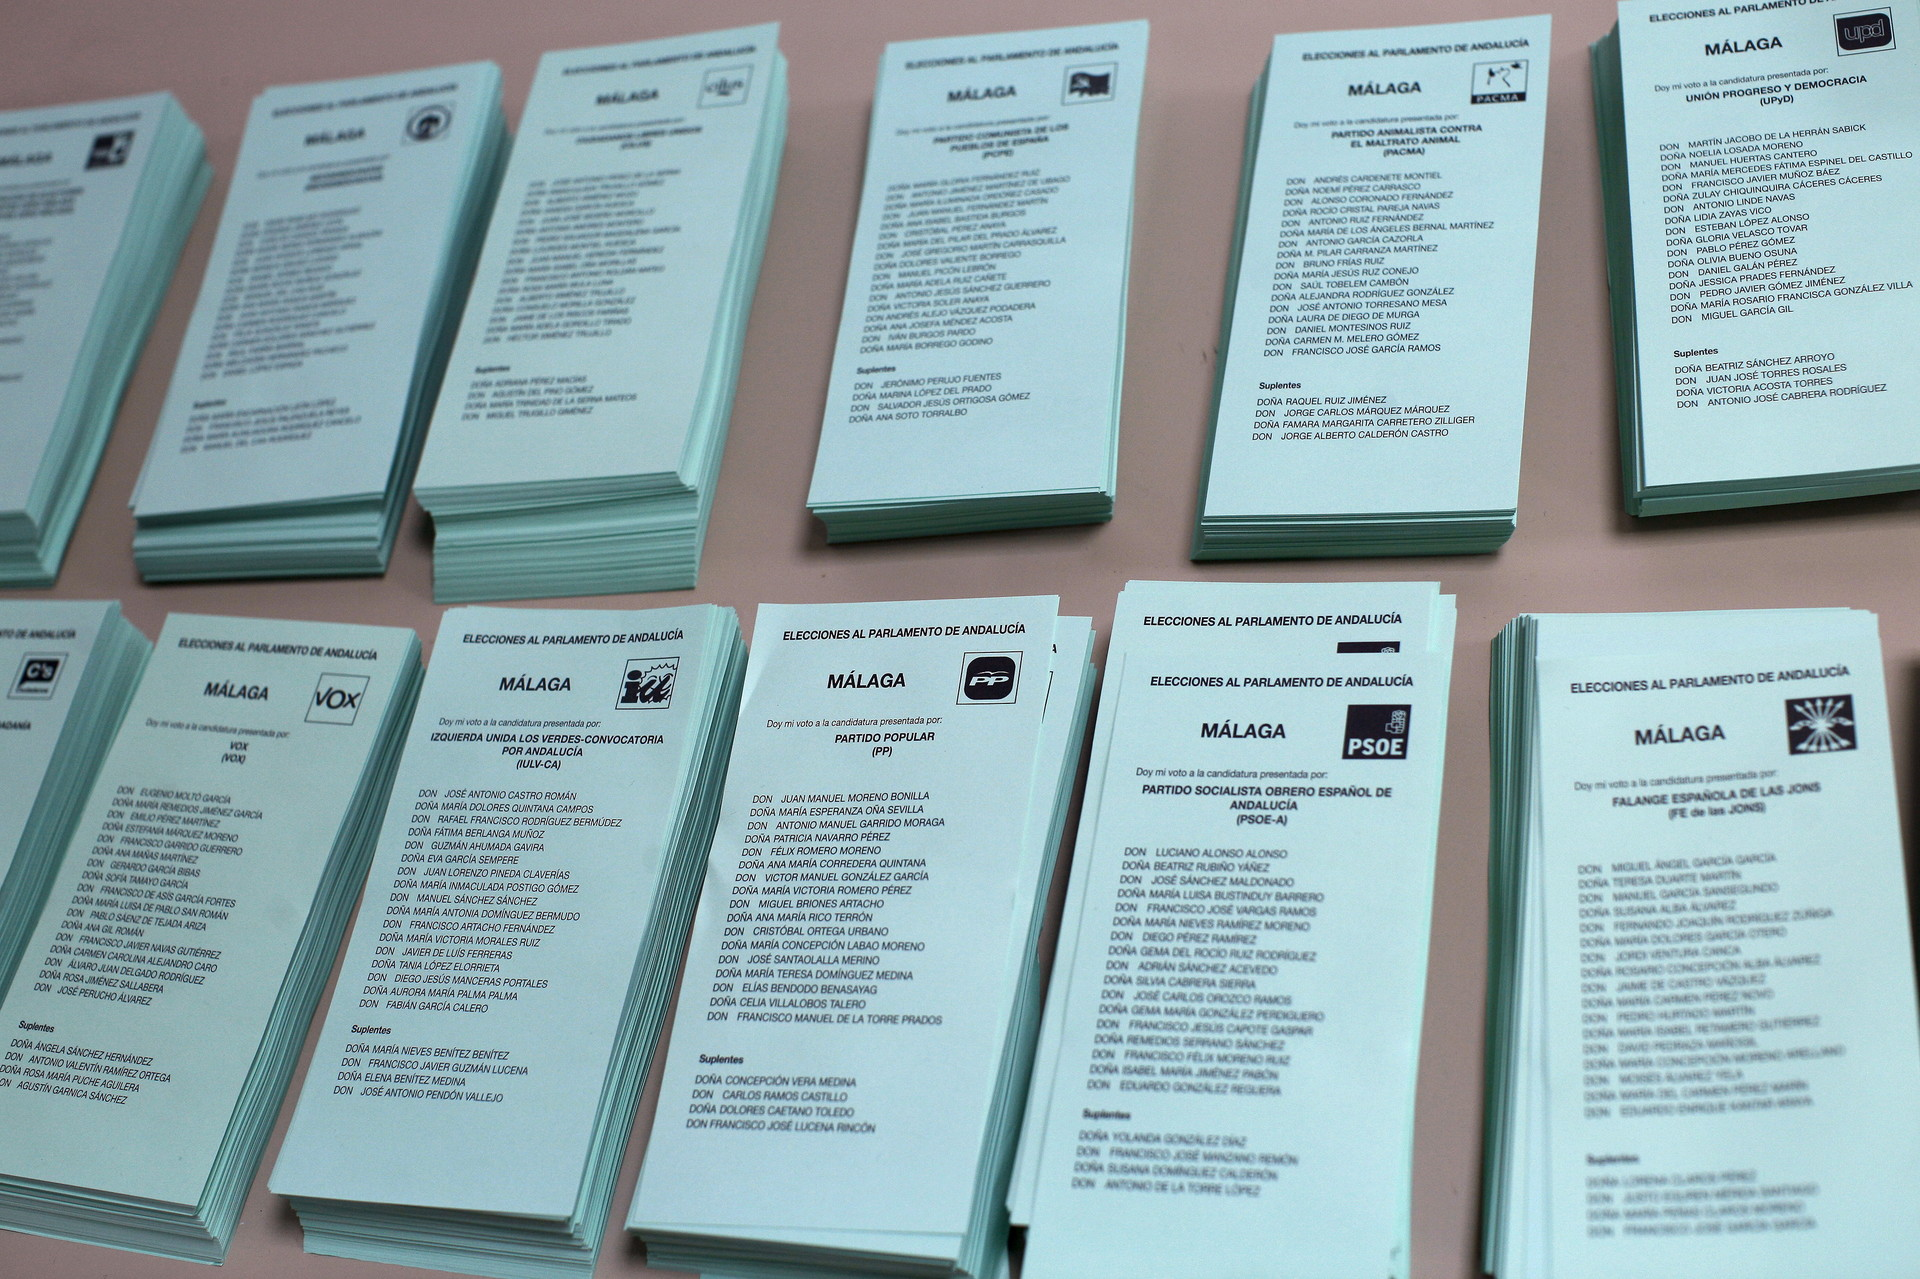 ¿Qué camino escogerá Andalucía en sus elecciones parlamentarias?